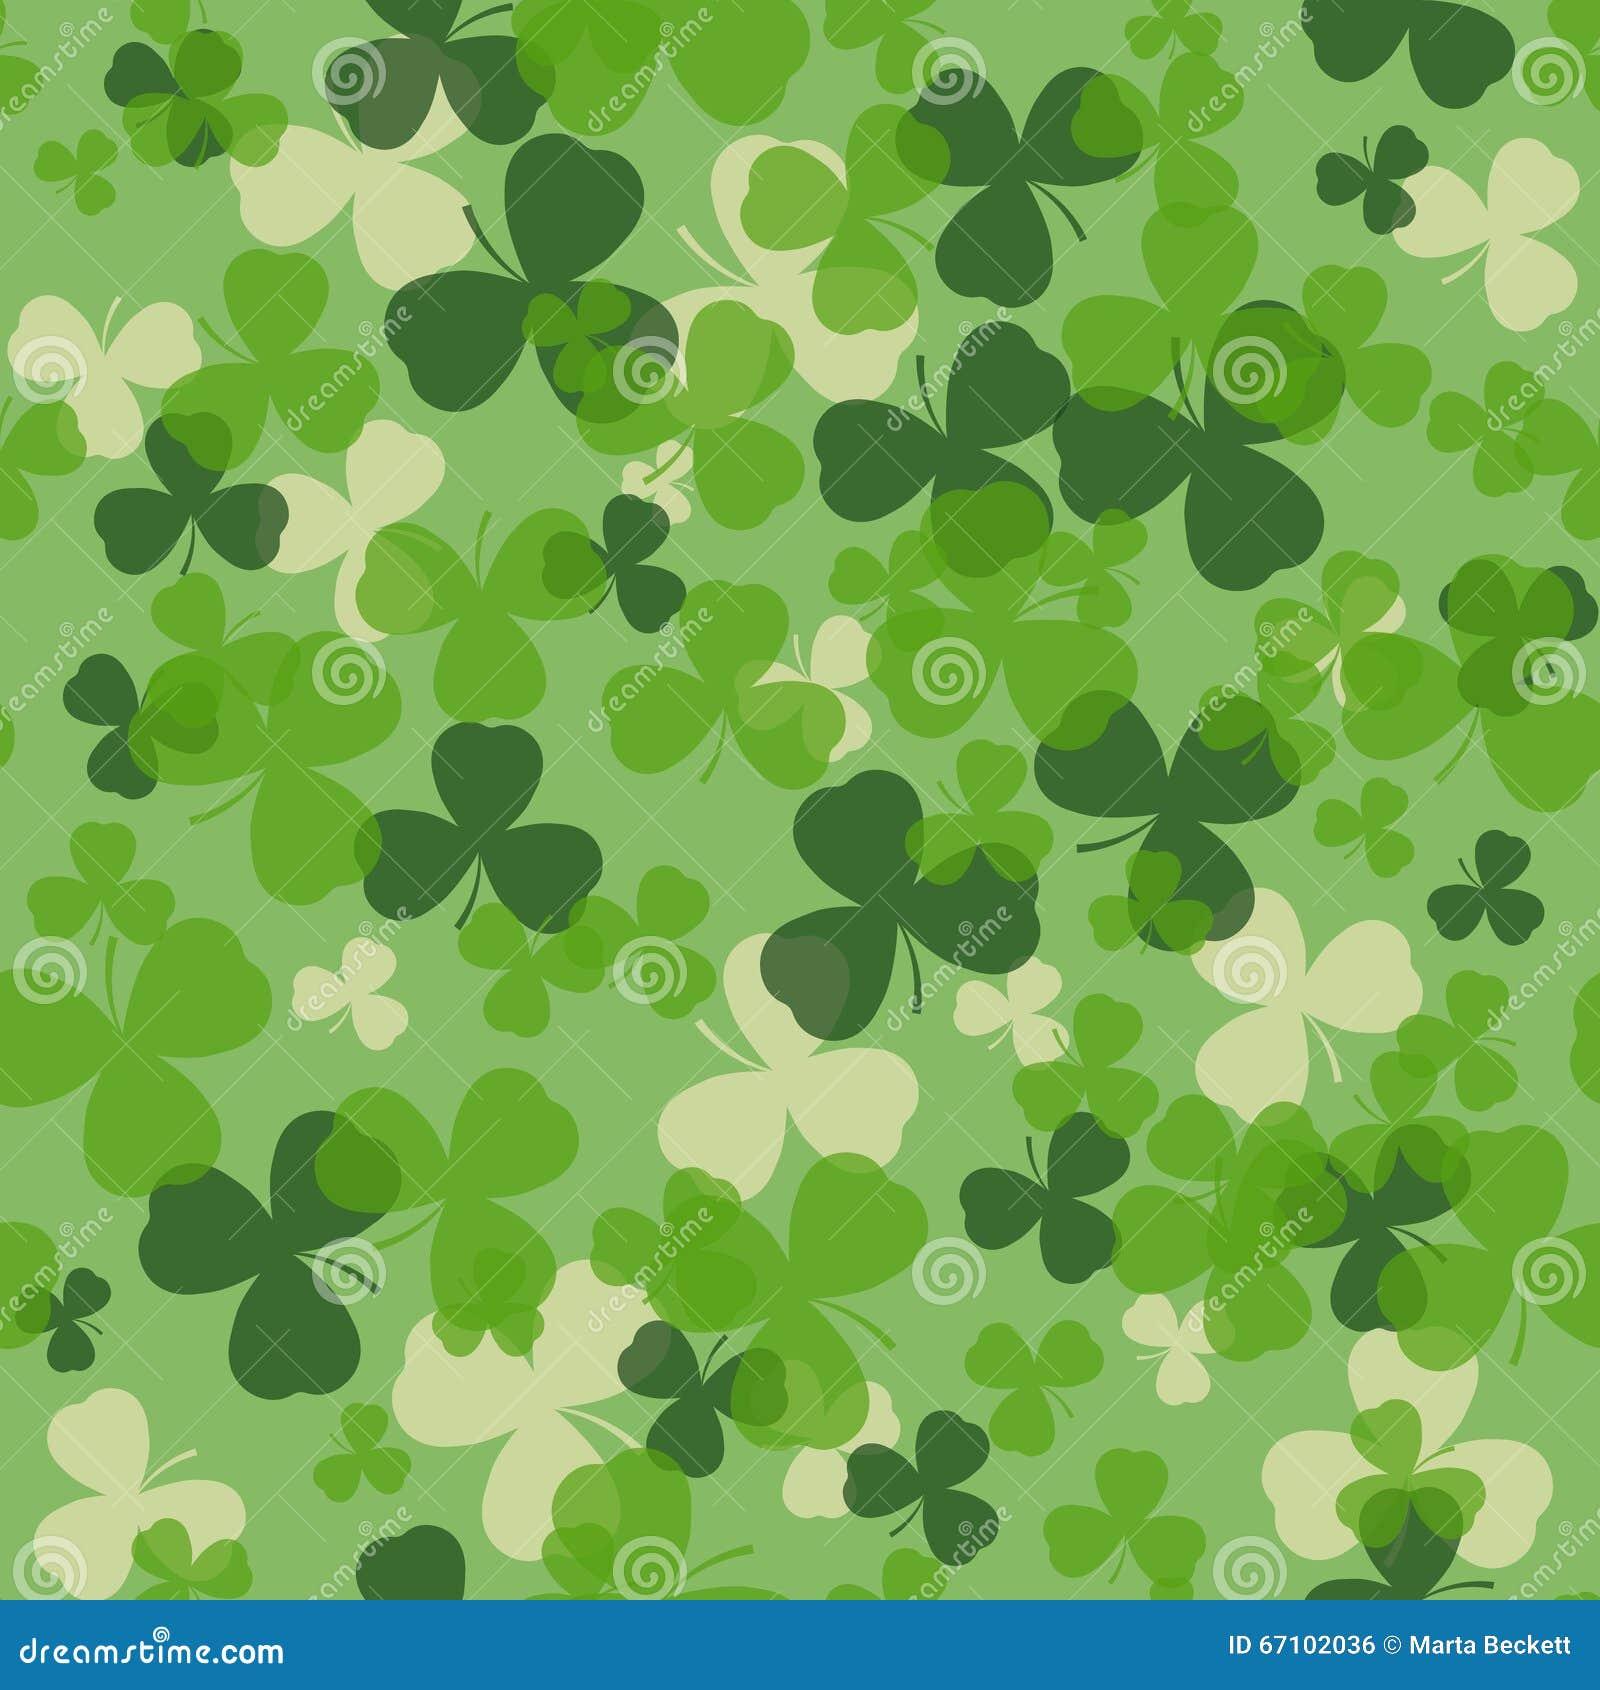 Vektor-St Patrick Tagesnahtloses Muster Grün und Weißkleeblätter auf grünem Hintergrund